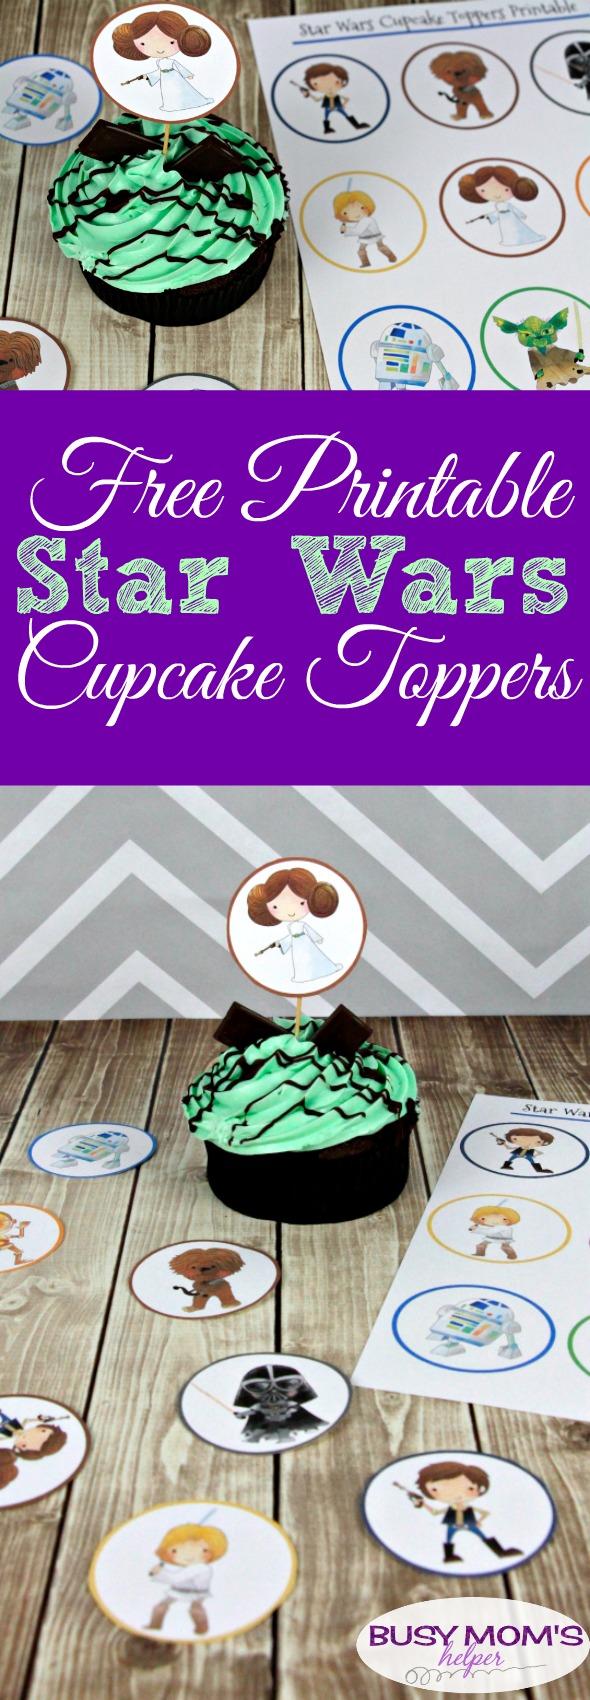 Star Wars Printable Cupcake Toppers #printable #freeprintable #starwars #starwarsprintable #cupcaketoppers #starwarsparty #printablecupcaketopper